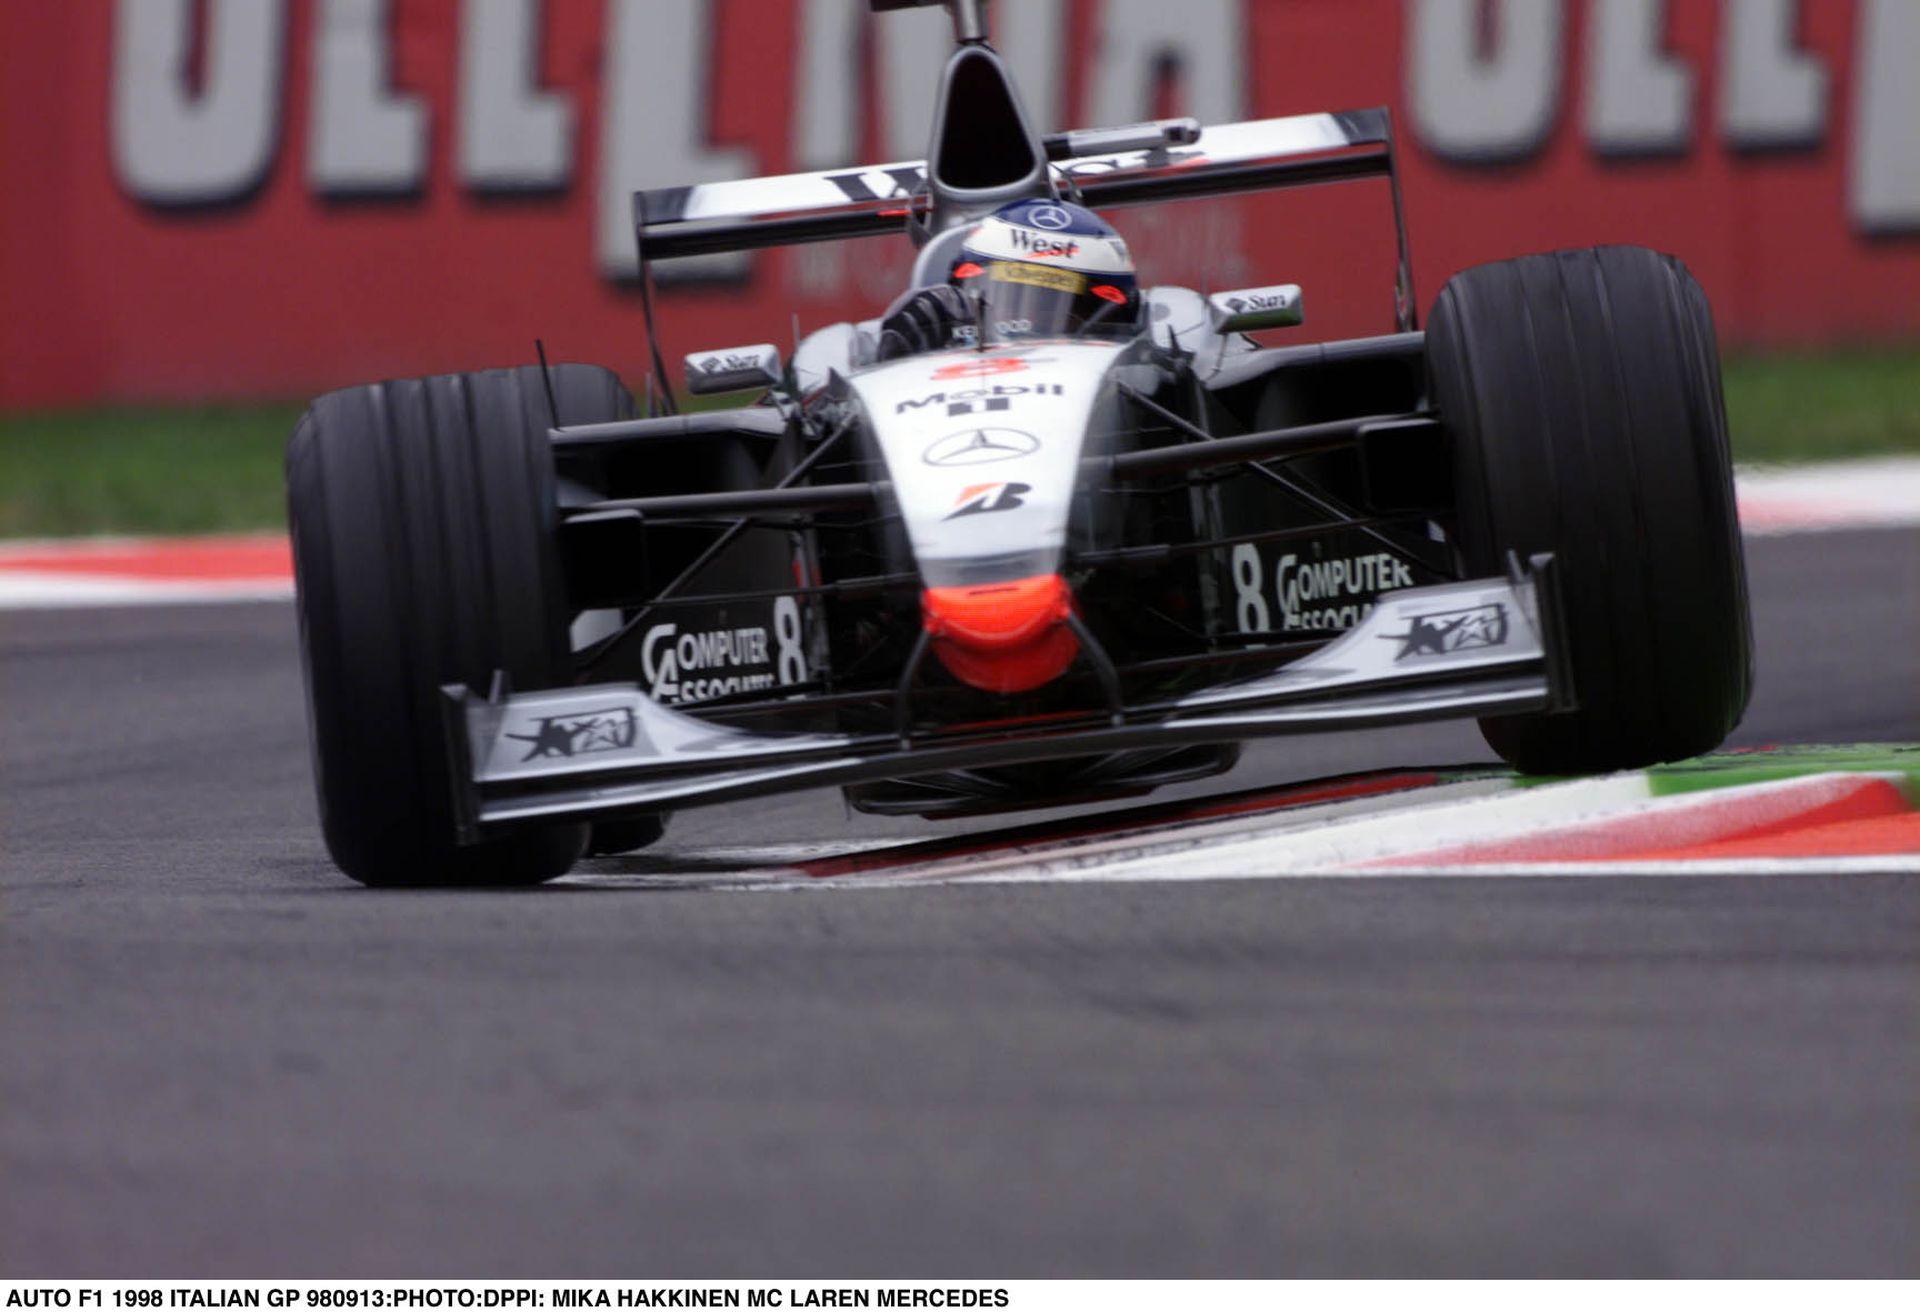 Dennis: A Mercedesszel már nem nyerhettünk volna több világbajnokságot az F1-ben